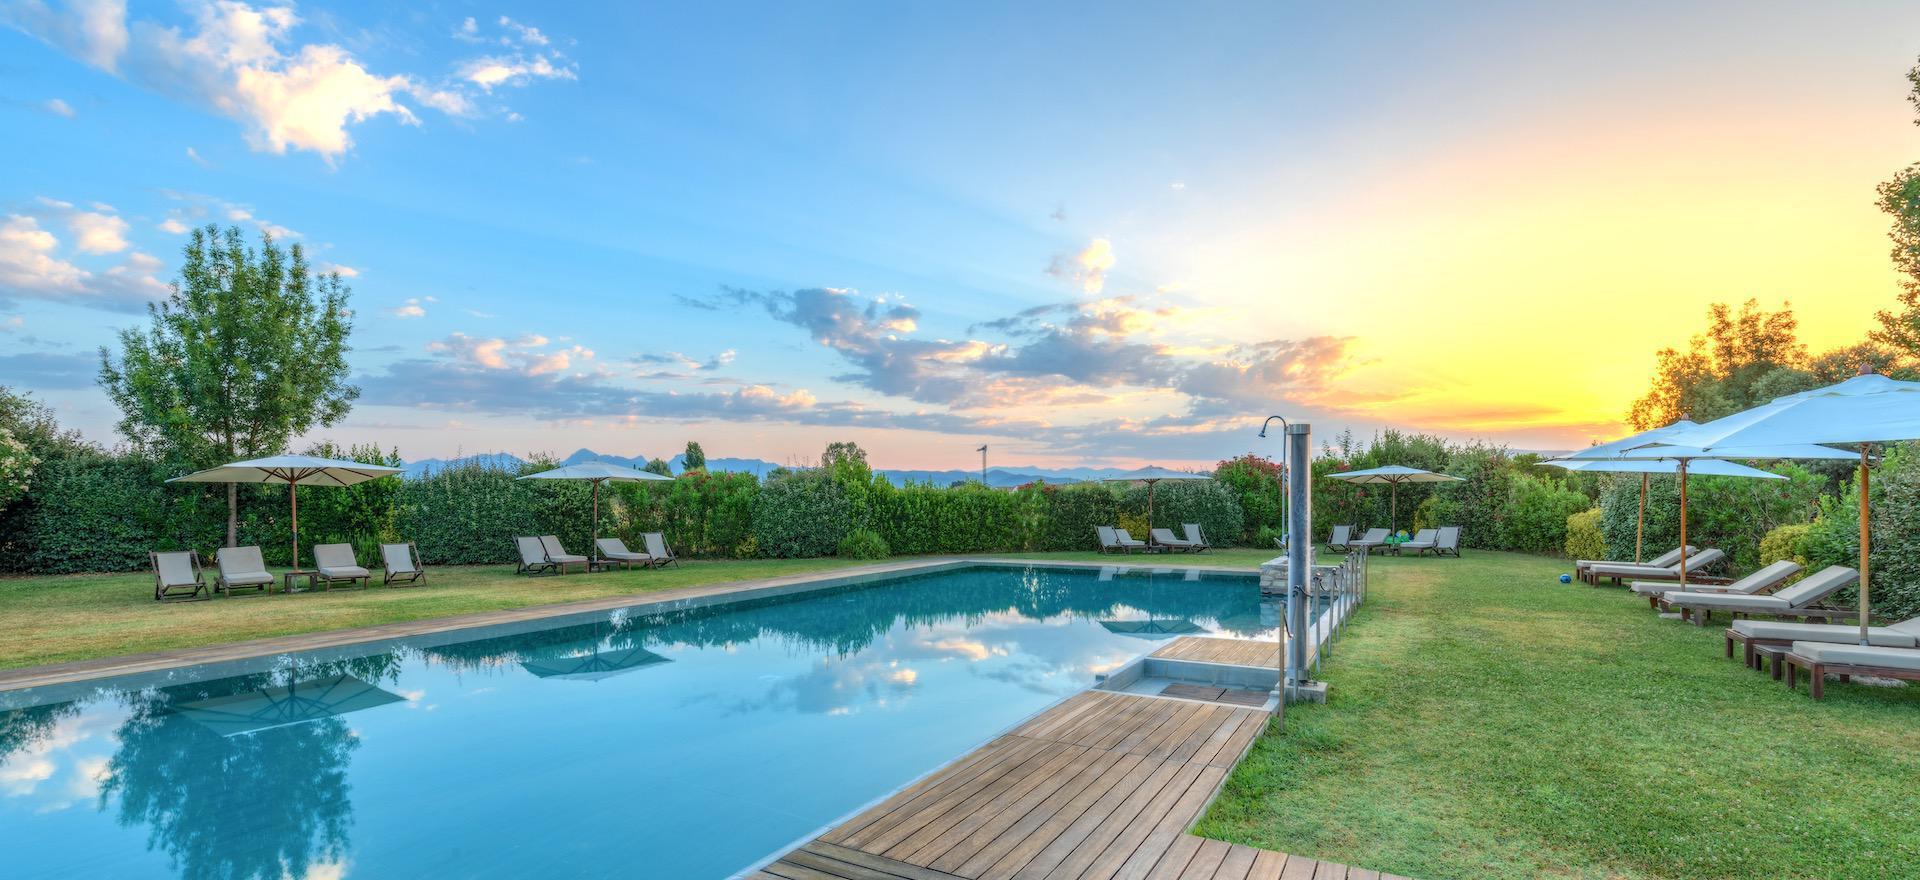 Agriturismo Toskana Ferienanlage Toskana, strandnah und familienfreundlich